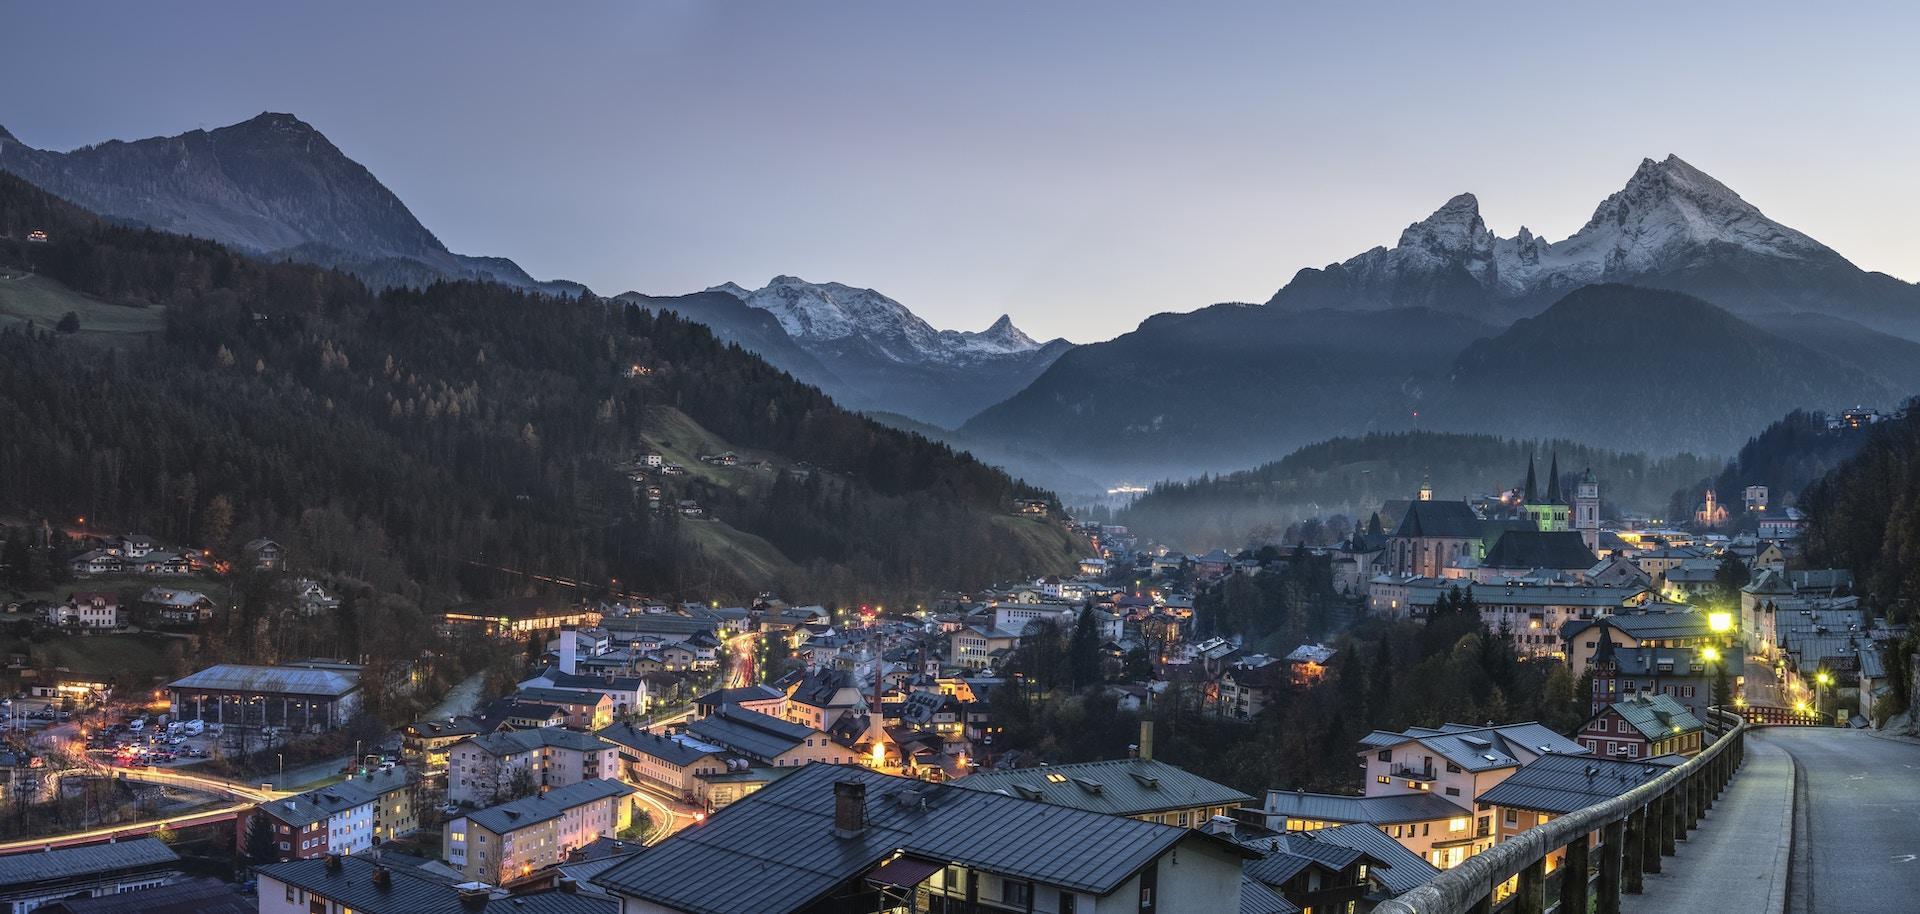 Lua de mel em Berchtesgaden, Alemanha